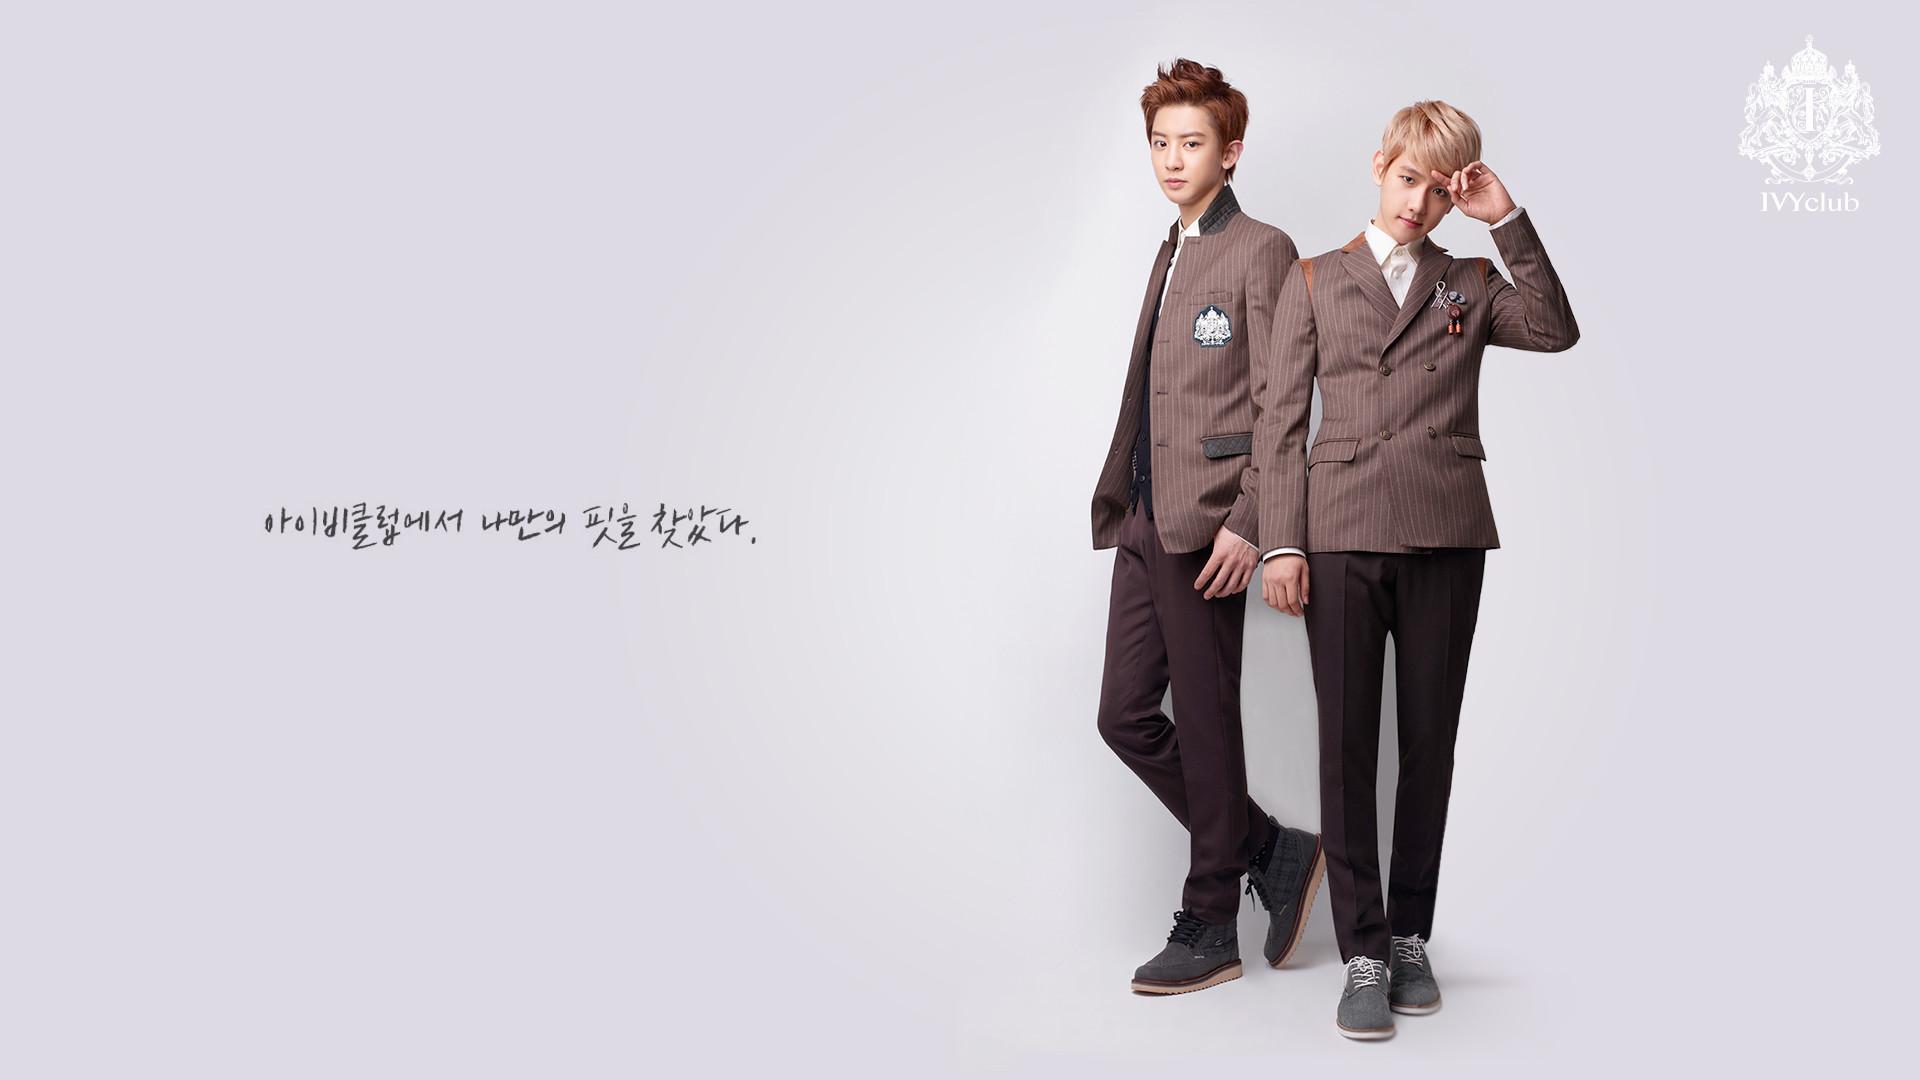 EXO · download EXO image